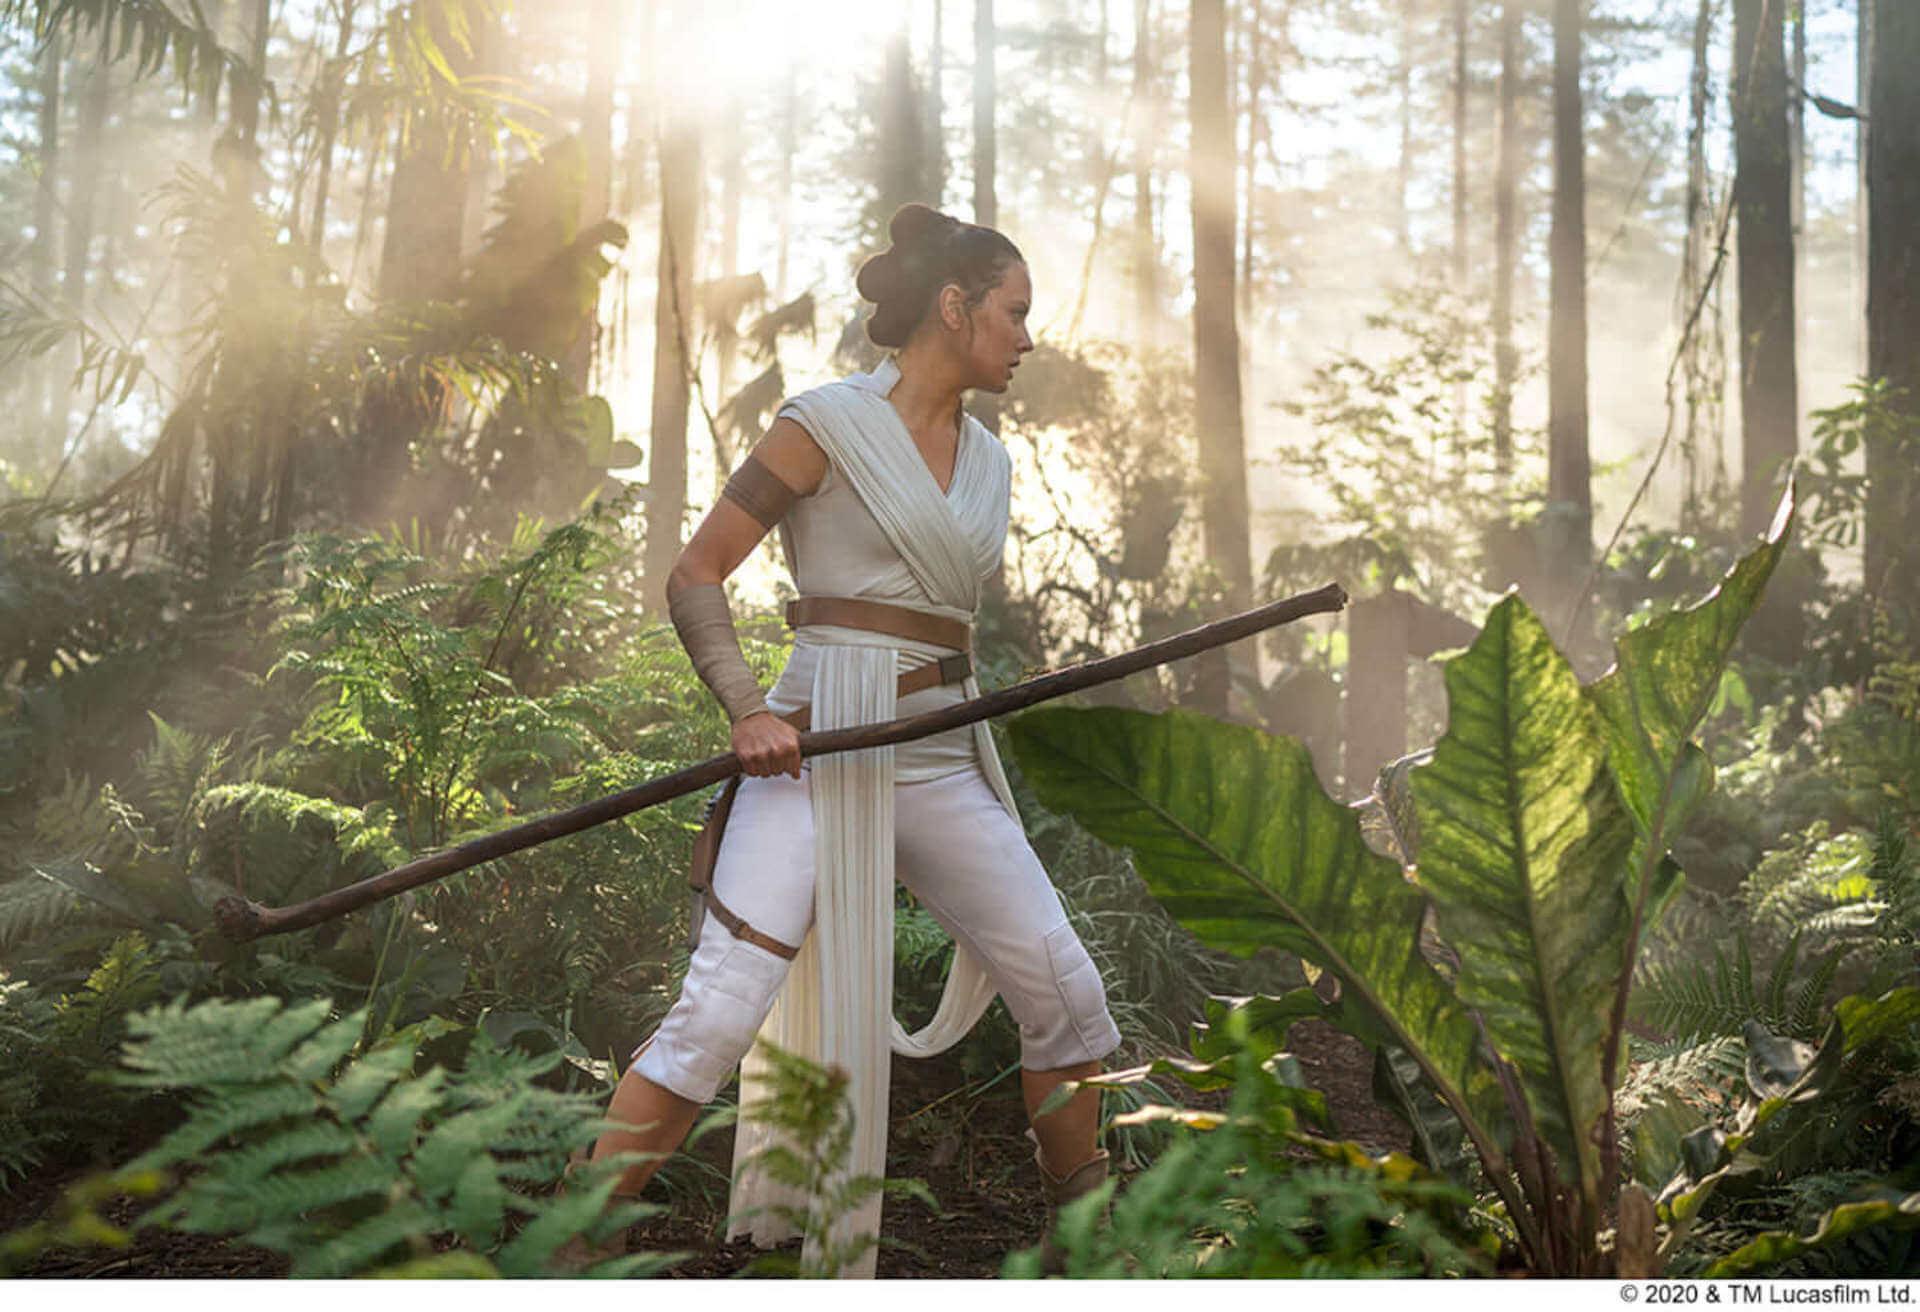 「スター・ウォーズ」シリーズをすべて渡り歩いたC-3PO俳優アンソニー・ダニエルズの舞台裏を収めた映像が解禁! film200424_starwars_5